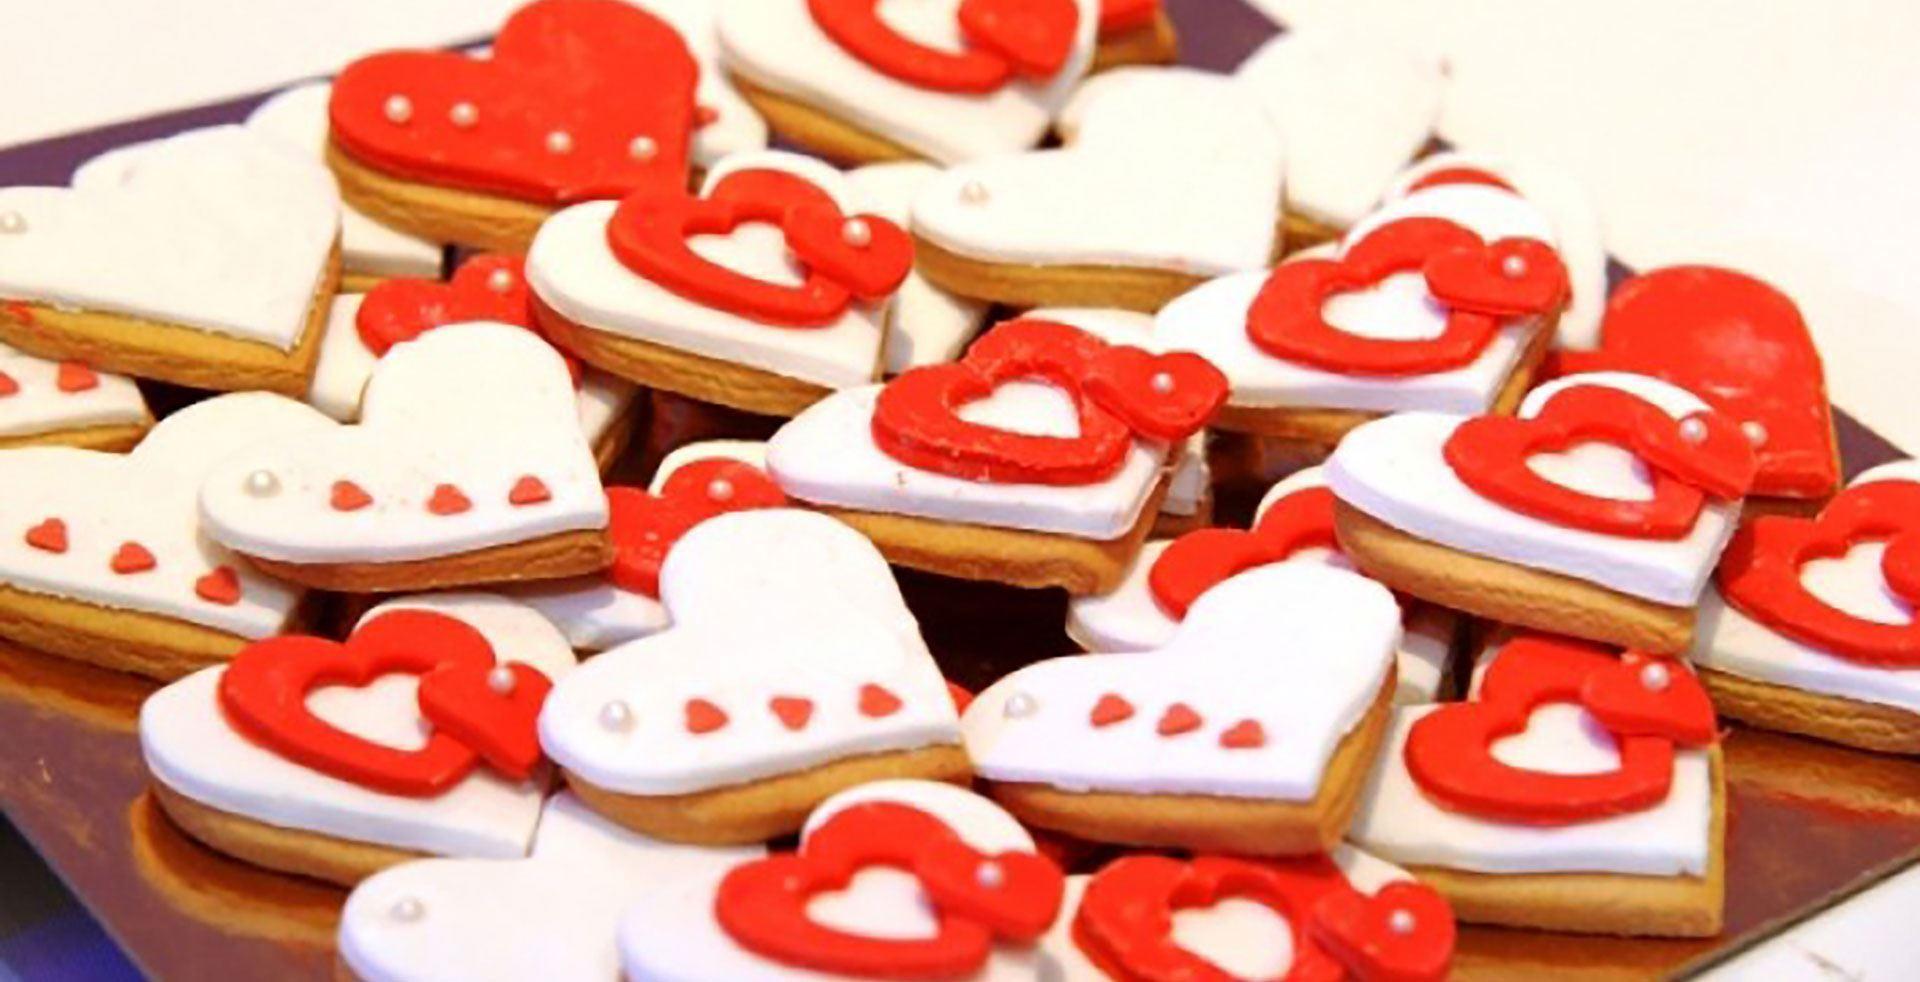 Μπισκότα ζαχαρόπαστας σε διάφορα σχήματα & χρώματα